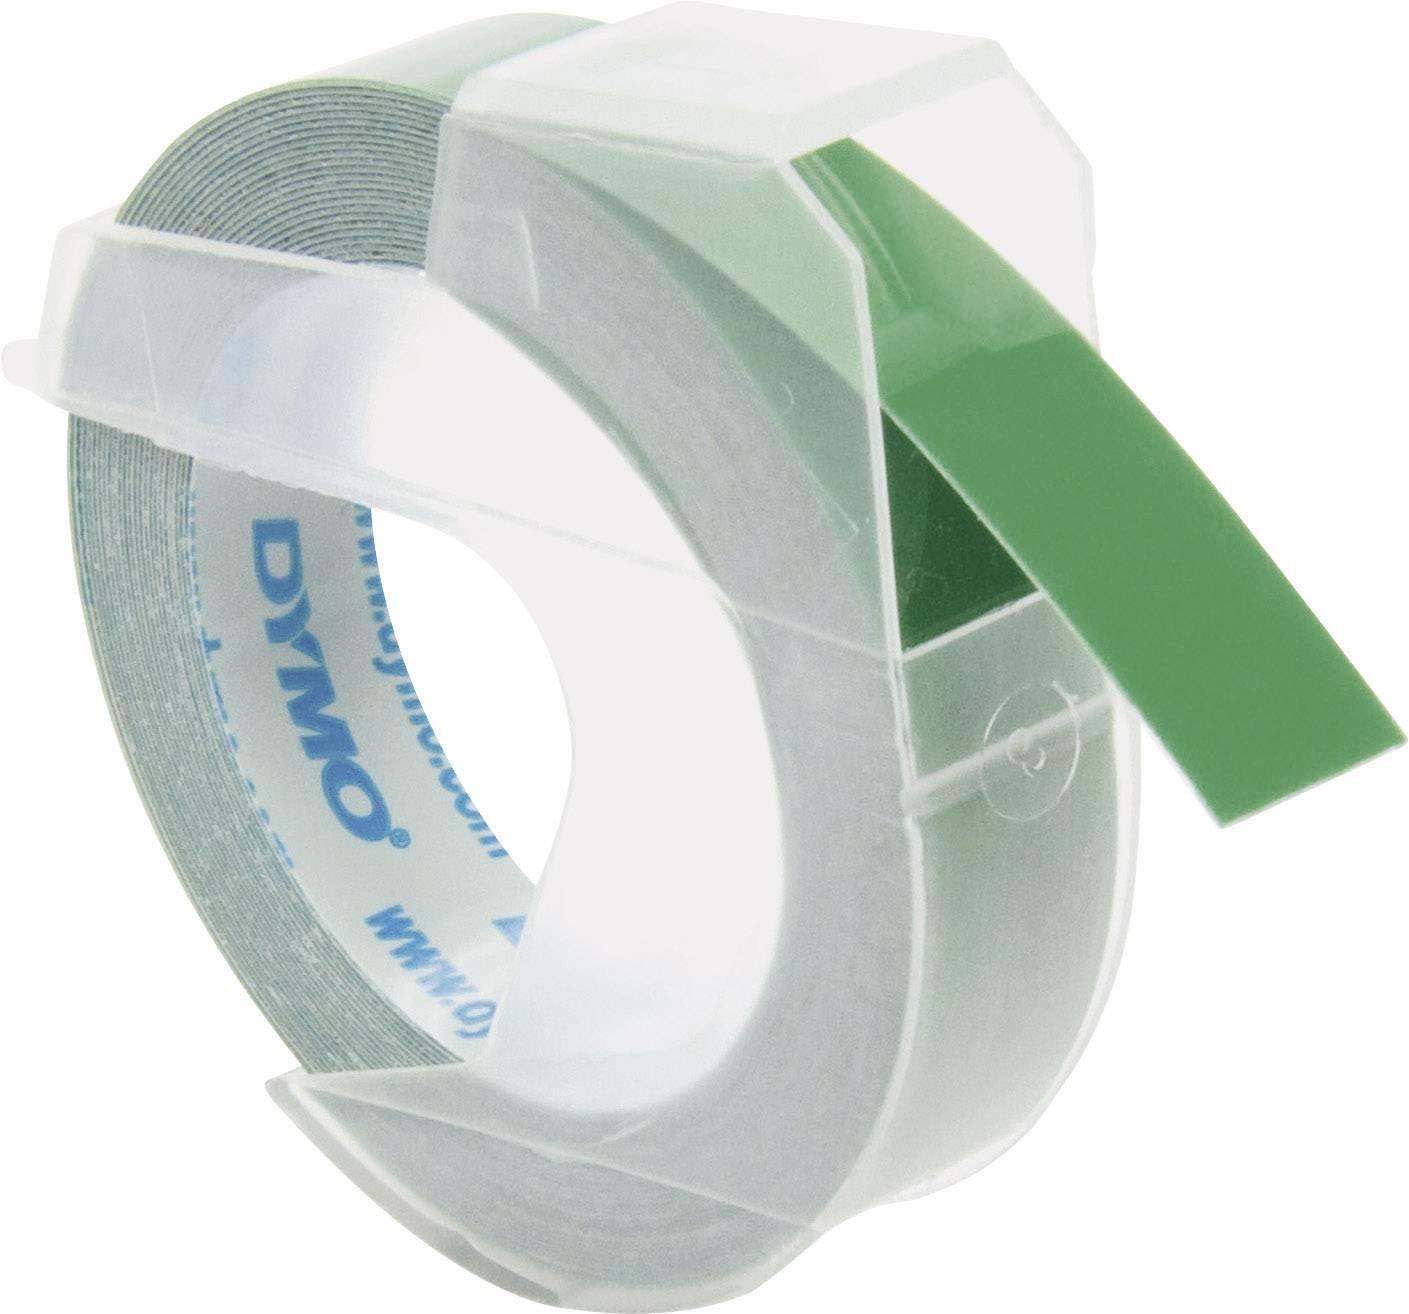 Páska do štítkovača DYMO S0898160, 9 mm, 3 m, biela, zelená